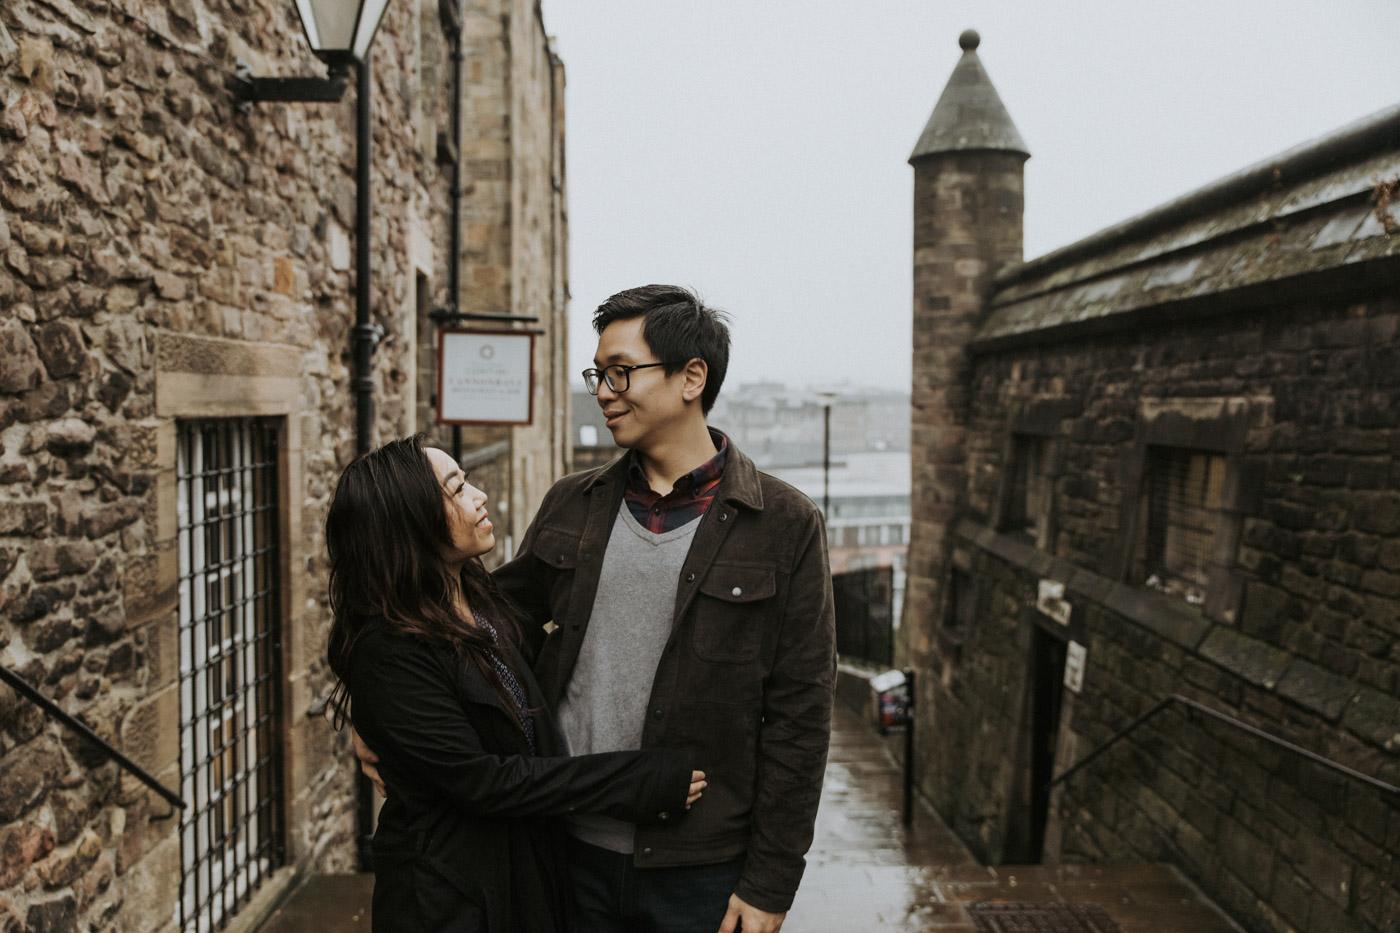 Relaxed Edinburgh Couple Photoshoot